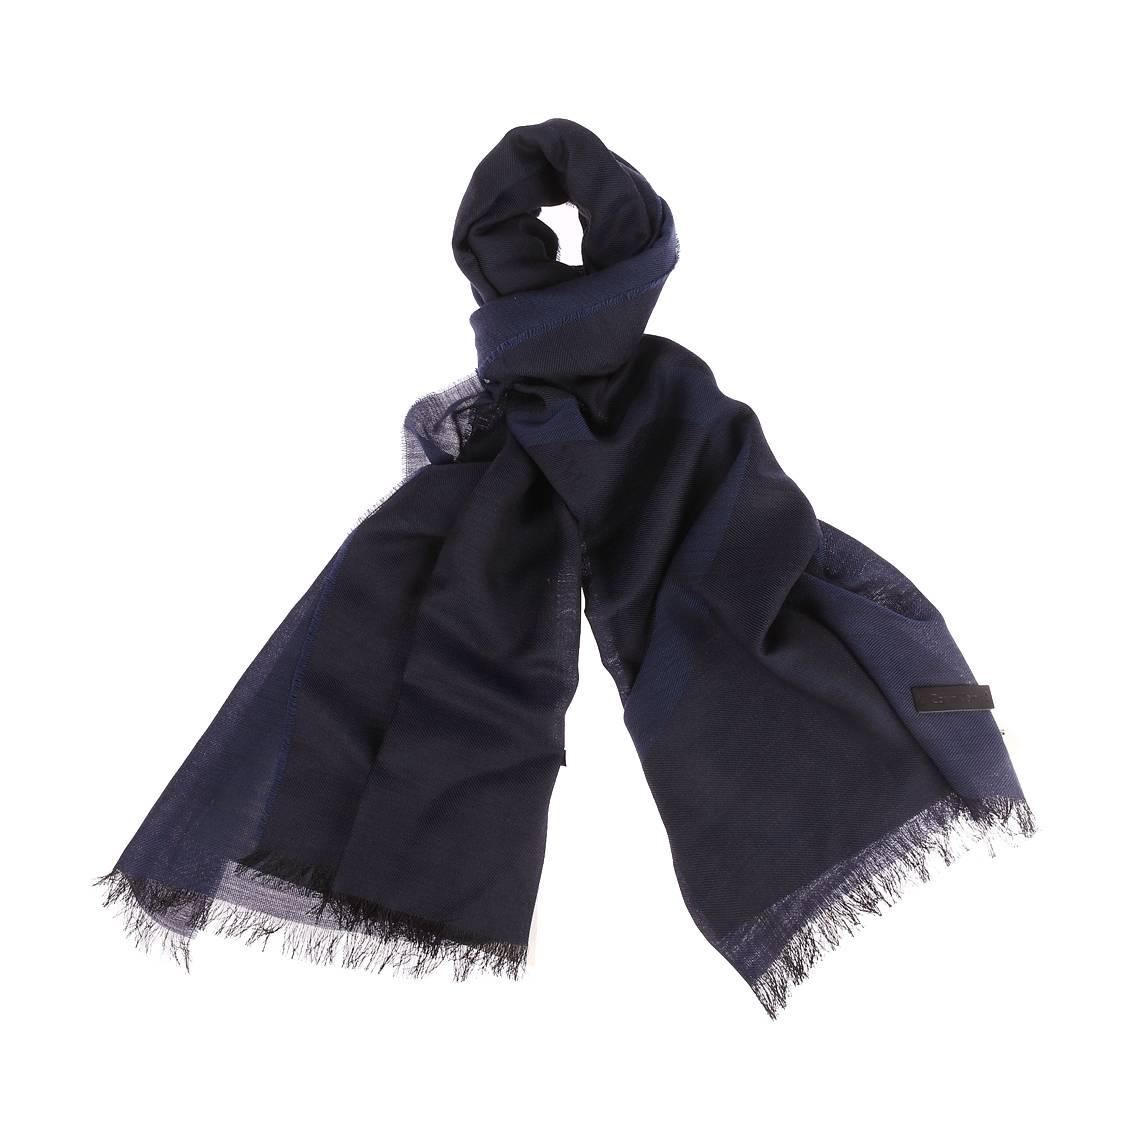 Chèche calvin klein jeans en laine mélangée bleu marine floqué